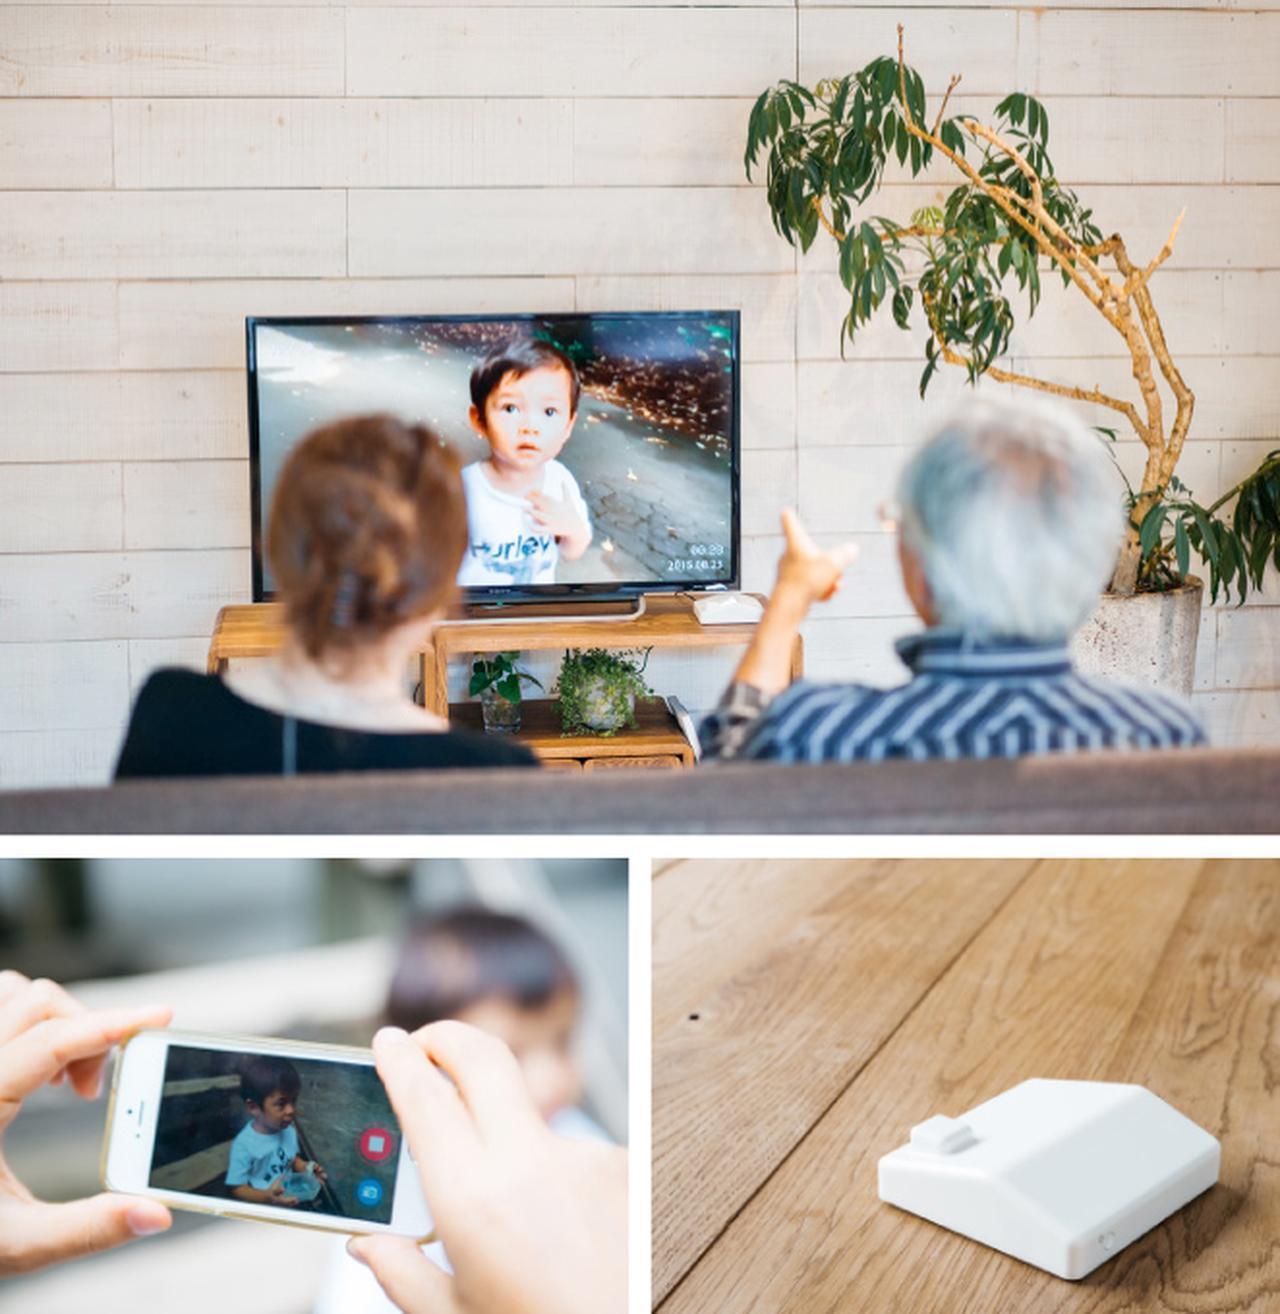 画像: 「まごチャンネル」設置方法は、テレビにつなぐケーブル一本と、電源コード一本だけ。本体価格に加え、通信費として月額1480円がかかる。